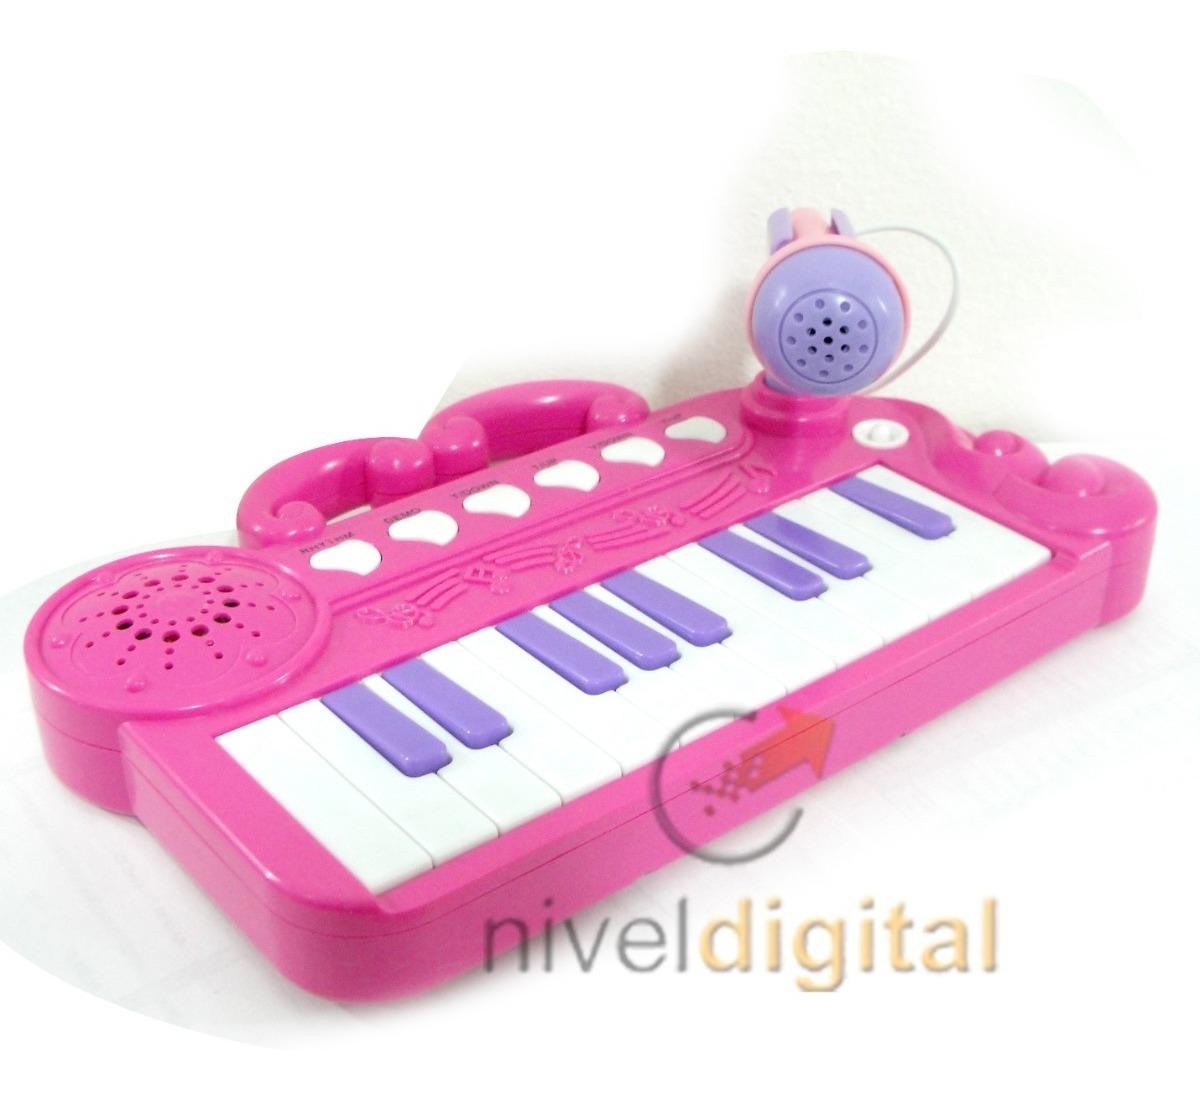 Piano Organo Musical Con Microfono Melodias Karaoke En Caja